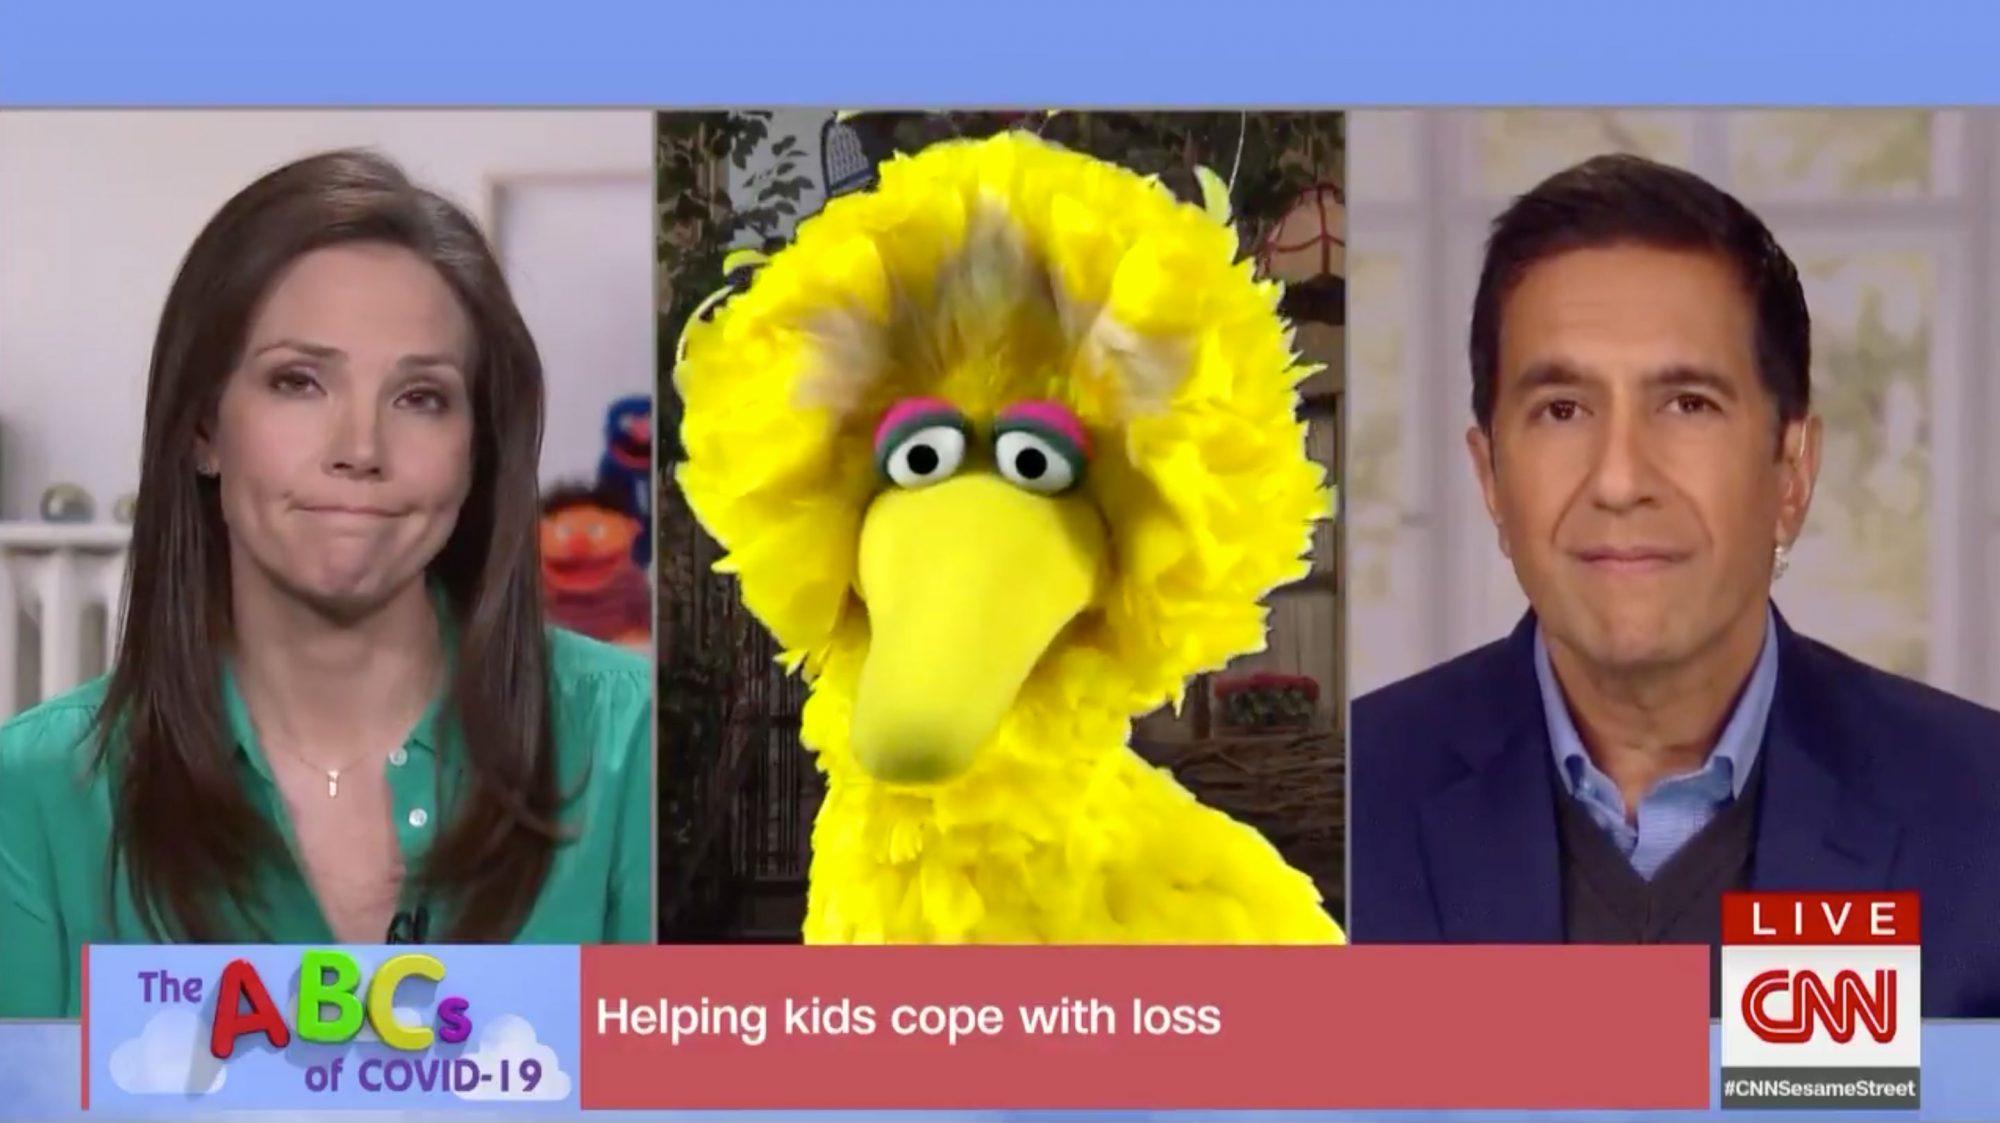 Sesame Street on CNN